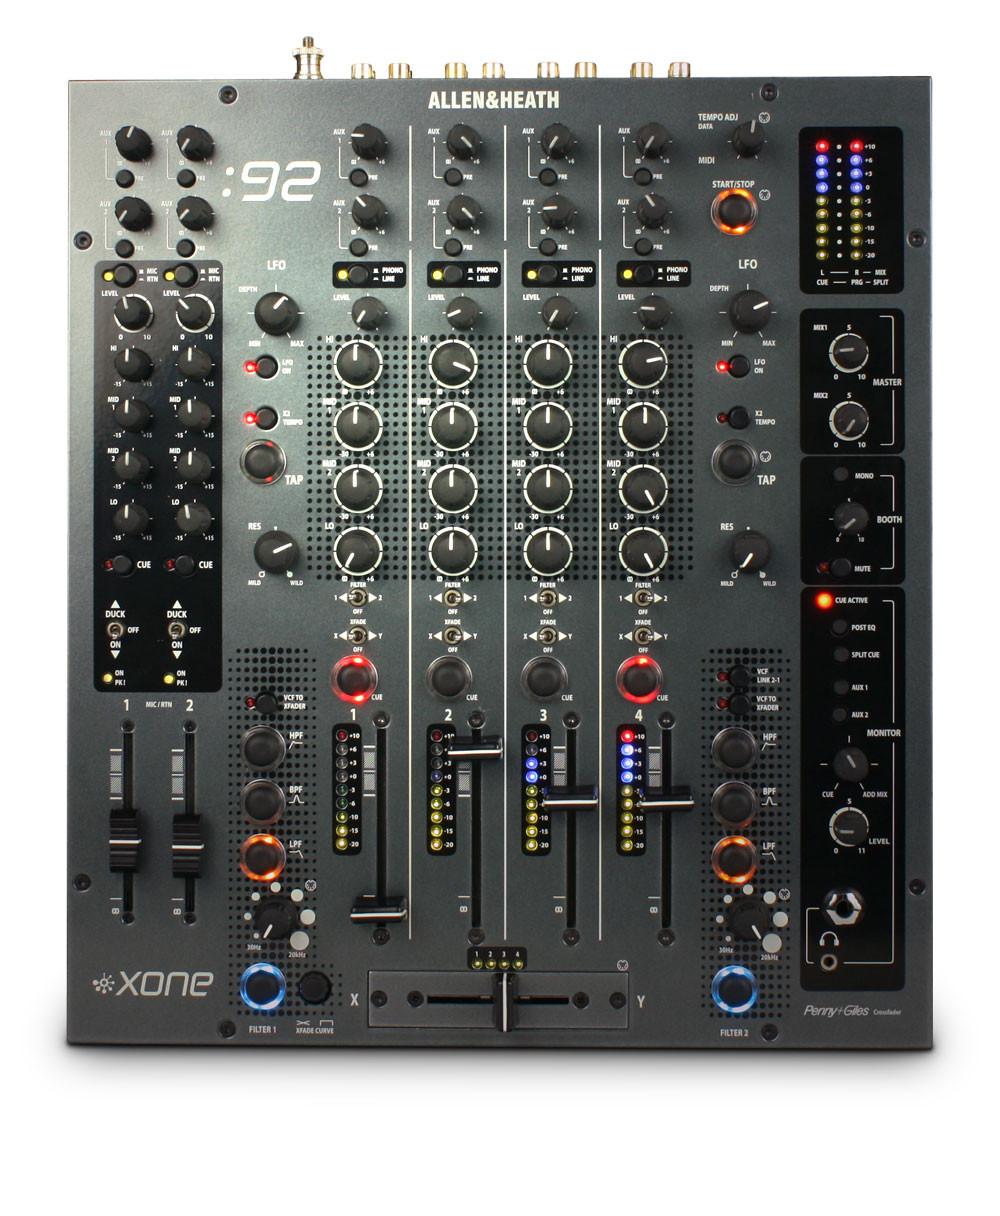 ALLEN & HEATH XONE-92 XONE:92 DJ Mixer | WestendDJ London